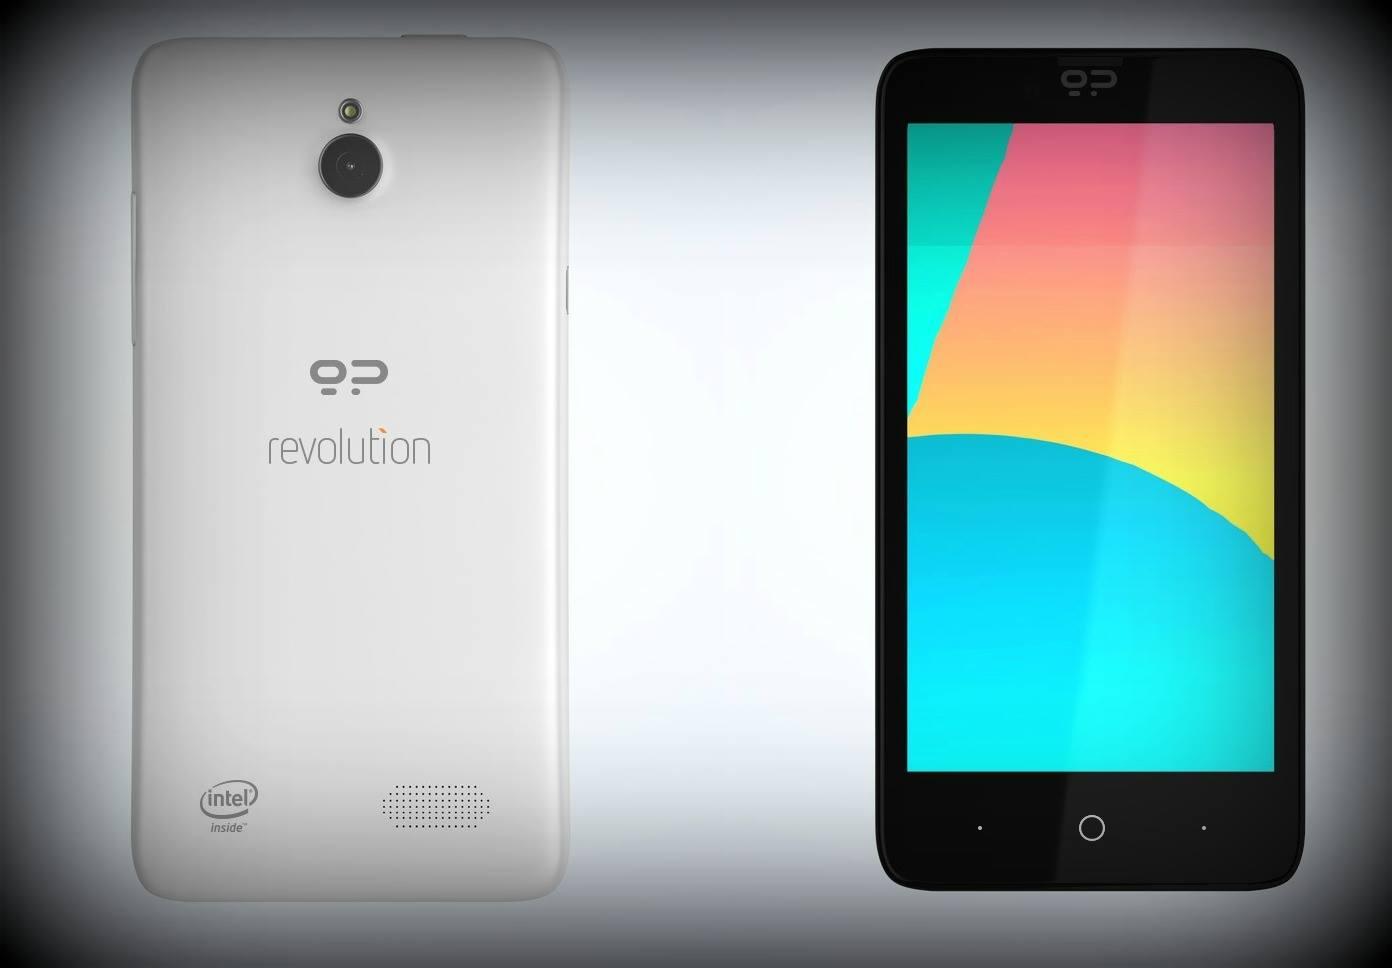 Erste Fotos zeigen Geeksphone Revolution Dual-OS Smartphone mit Android & Firefox OS